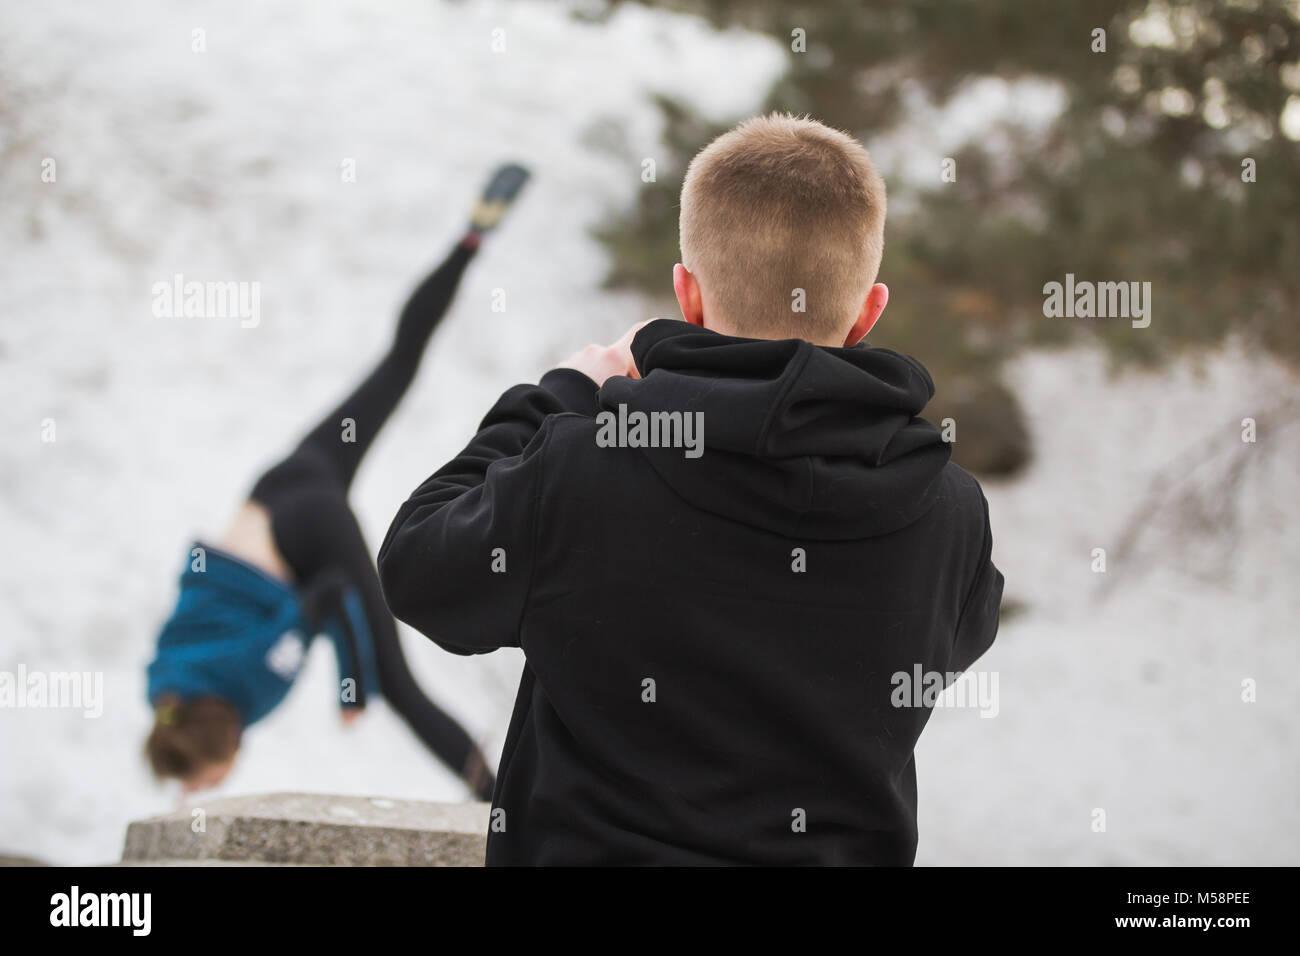 Teenager Jungen zu akrobatischen Sprung Mädchen im Winter City Park - parkour Konzept suchen Stockbild